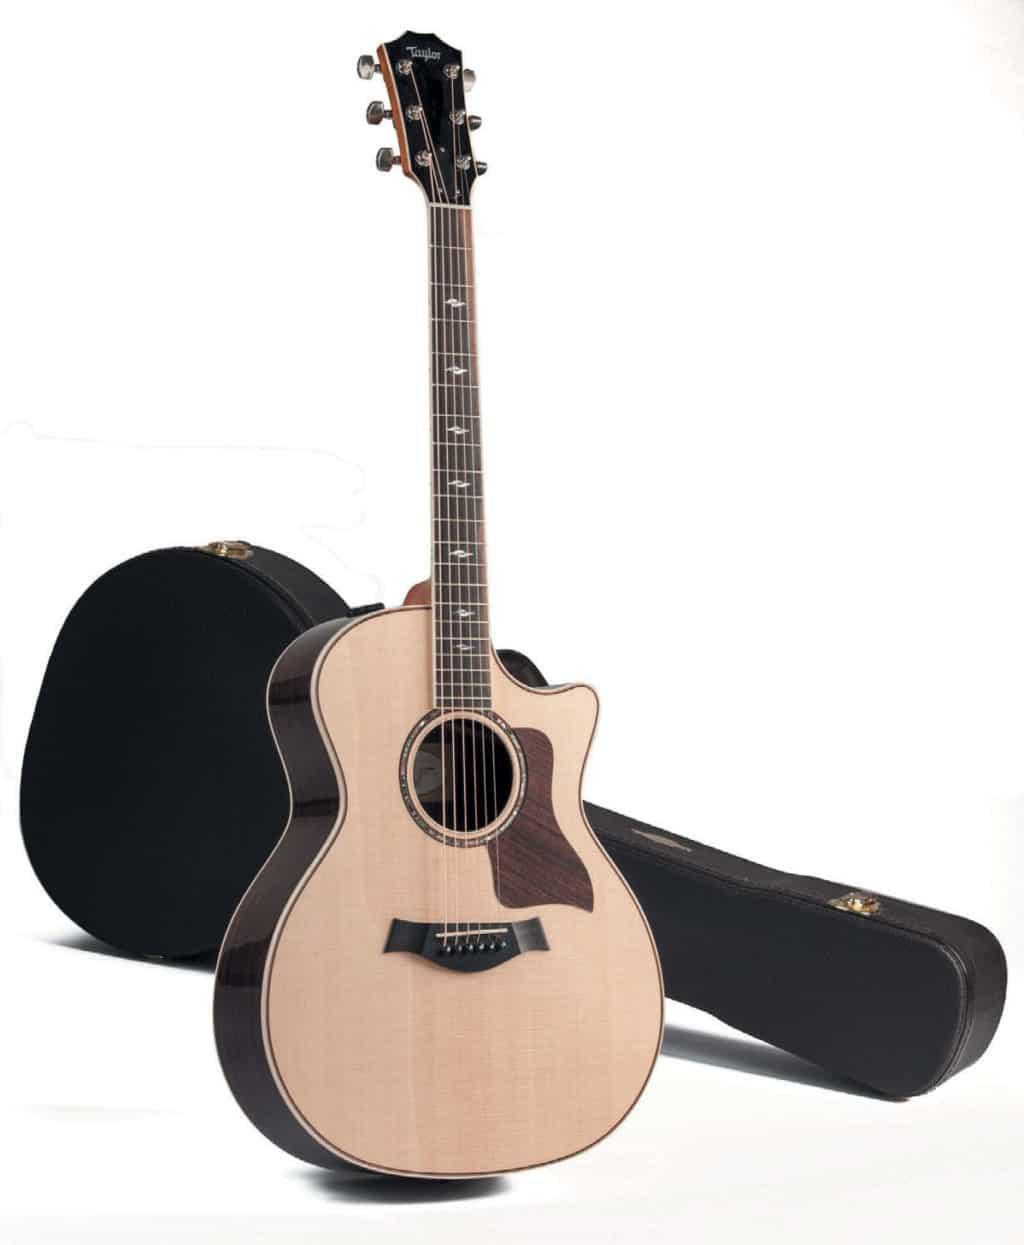 Akustik-Gitarre mit Cutaway von Taylor, stehend, mit Koffer